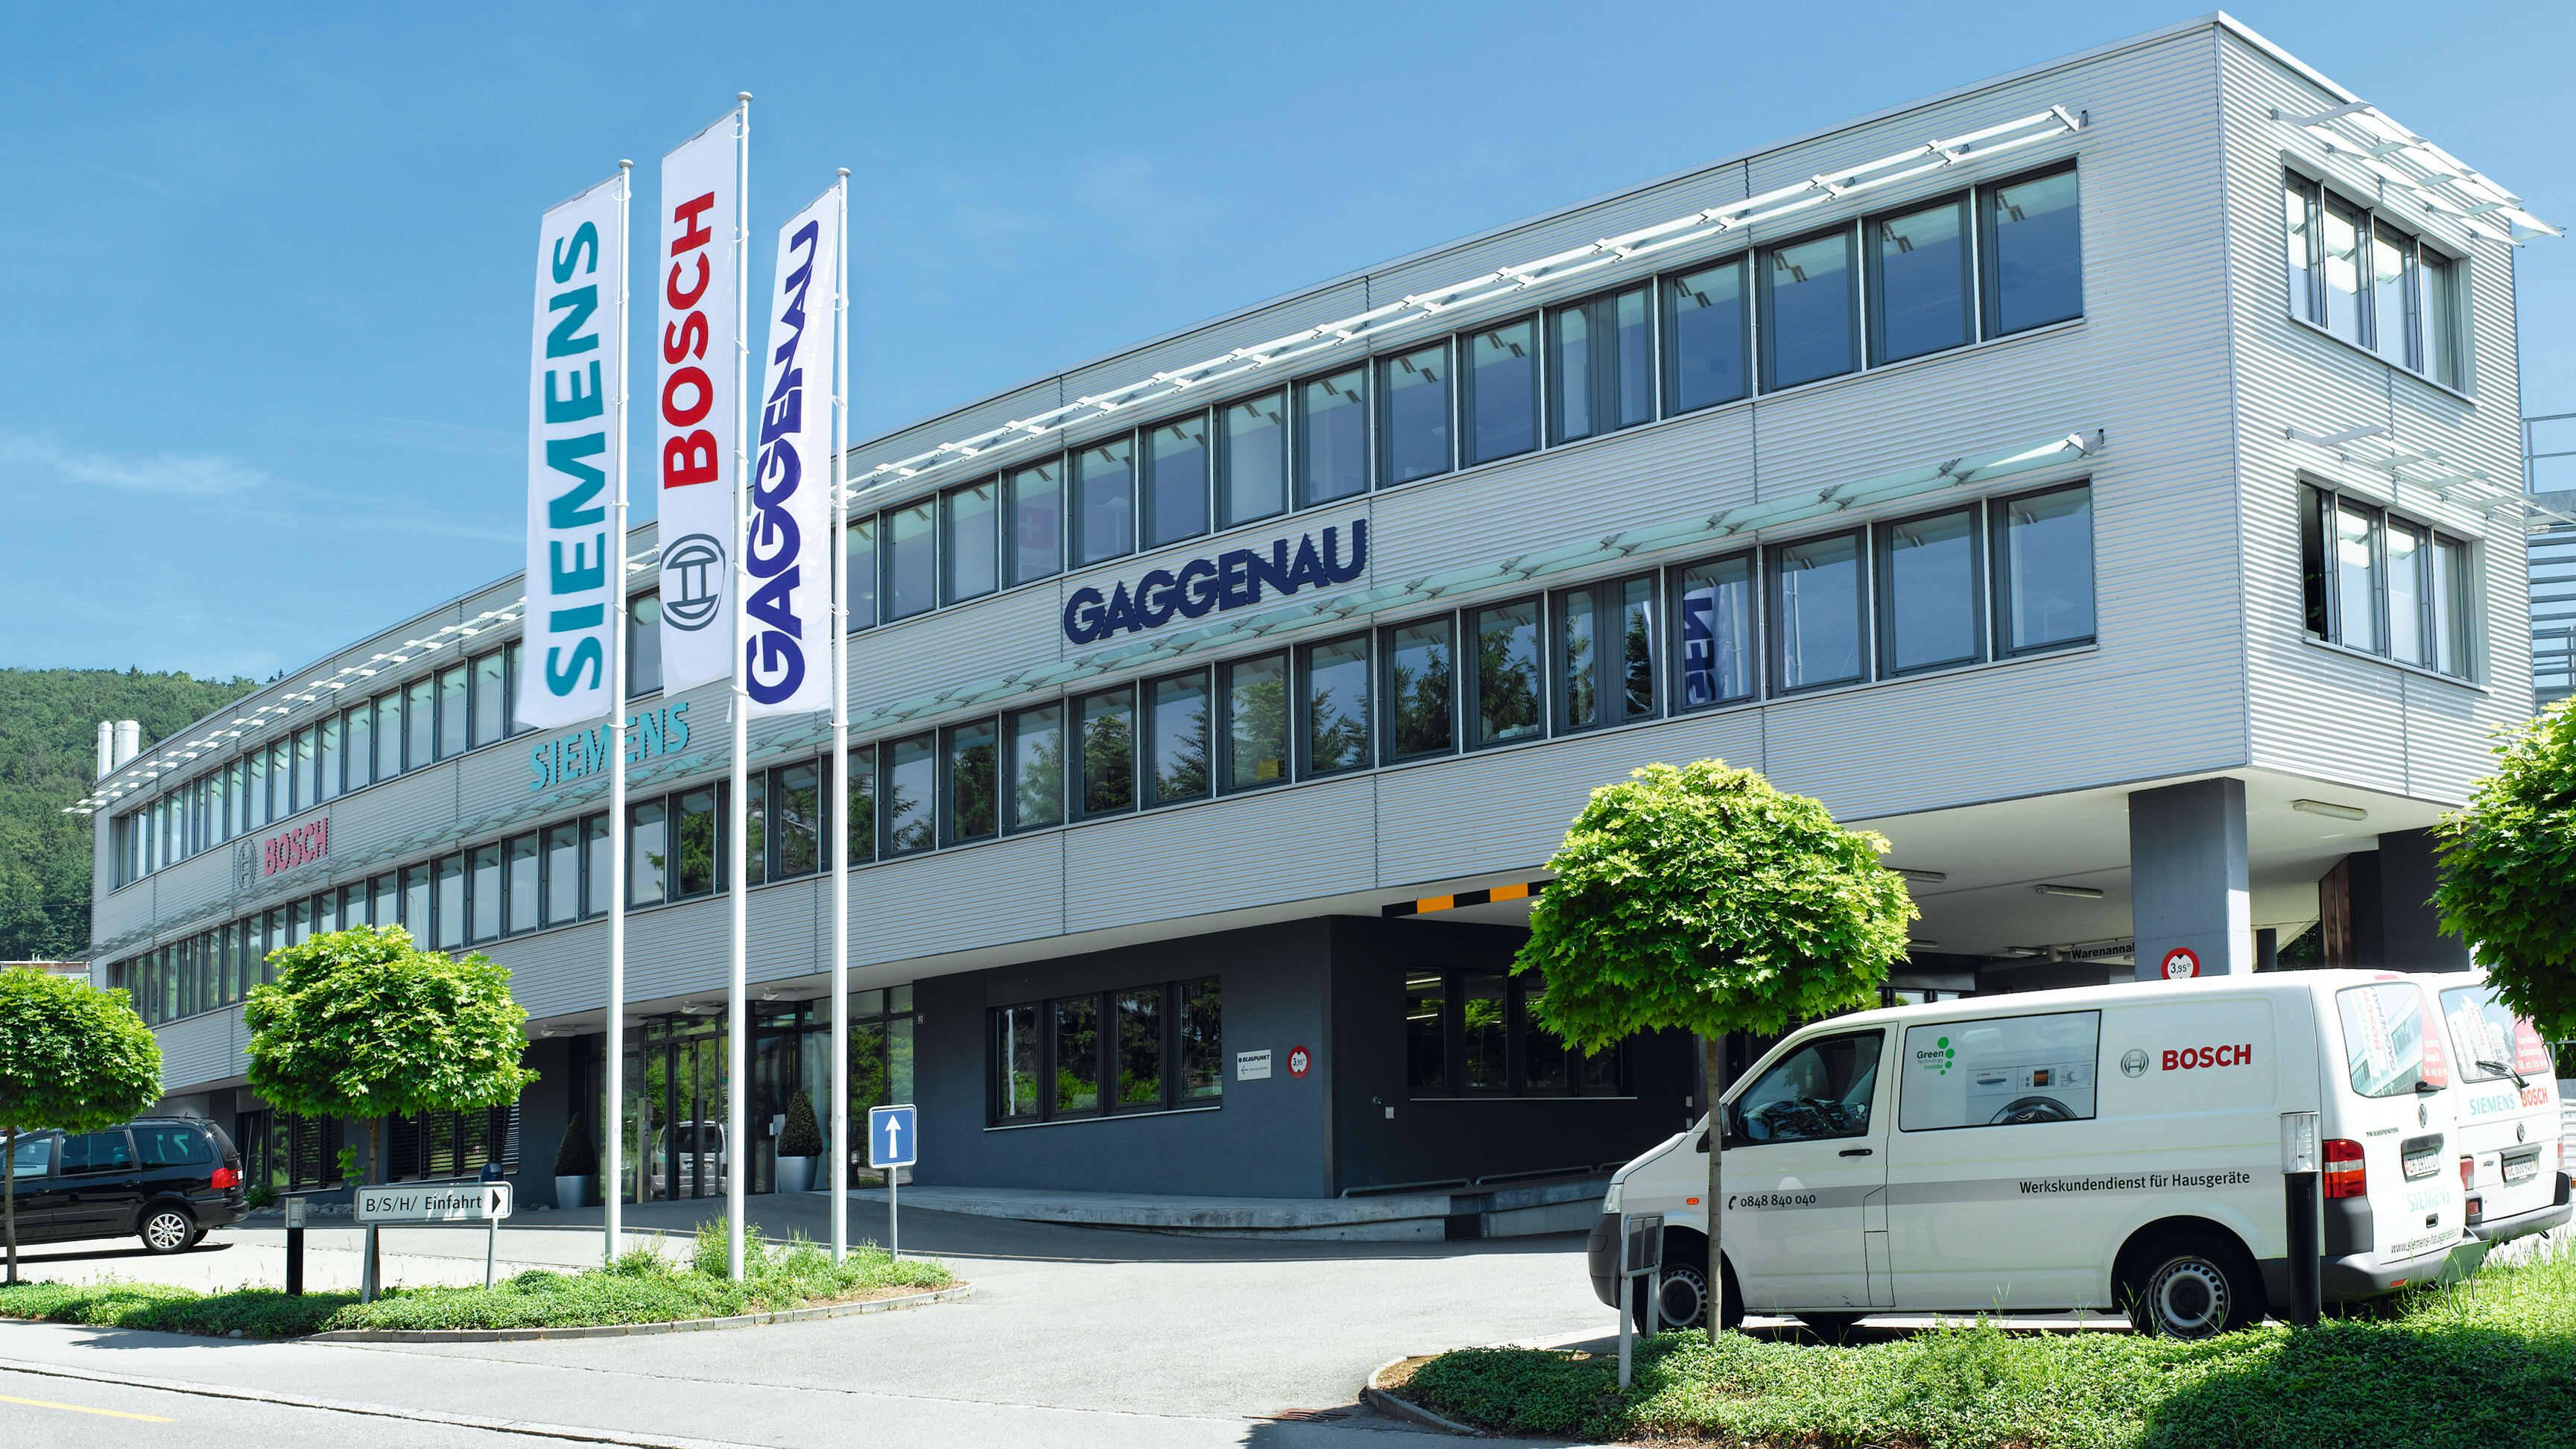 Bosch Kühlschrank Ersatzteile Schweiz : Geroldswil bosch in der schweiz